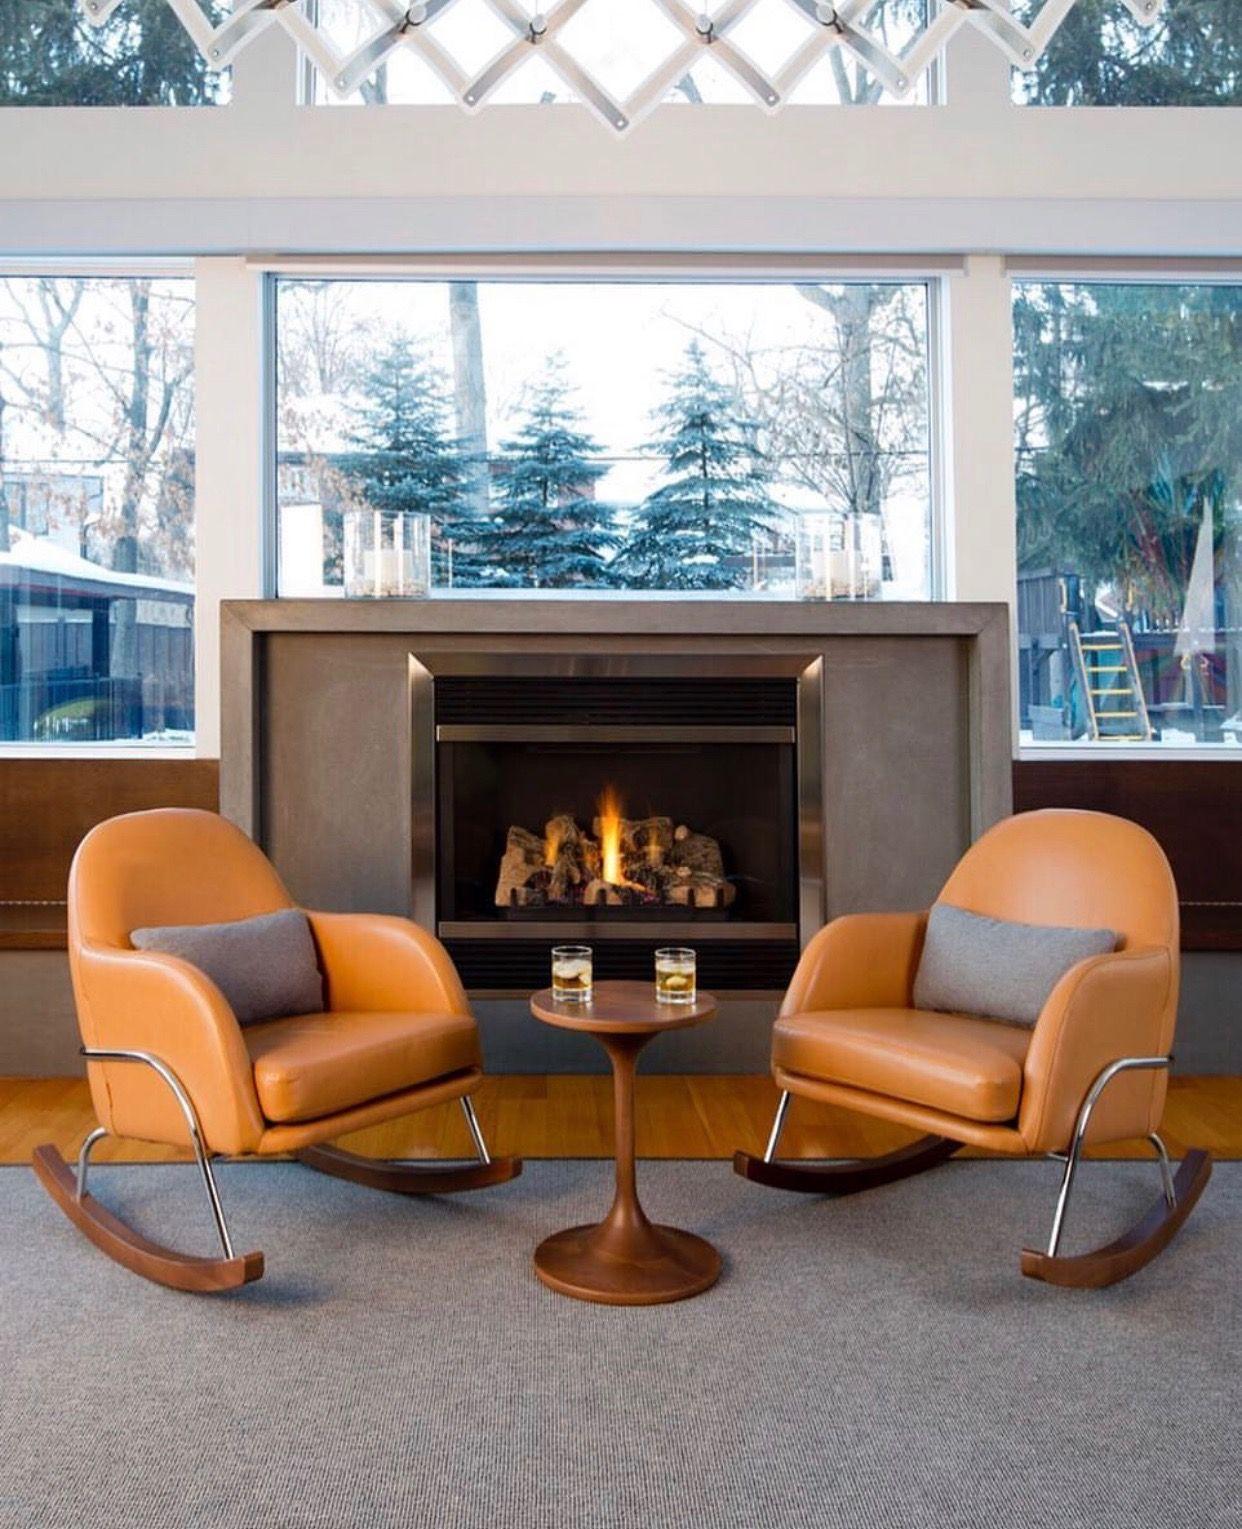 monte design home toronto based co h o m e house design rh pinterest ca